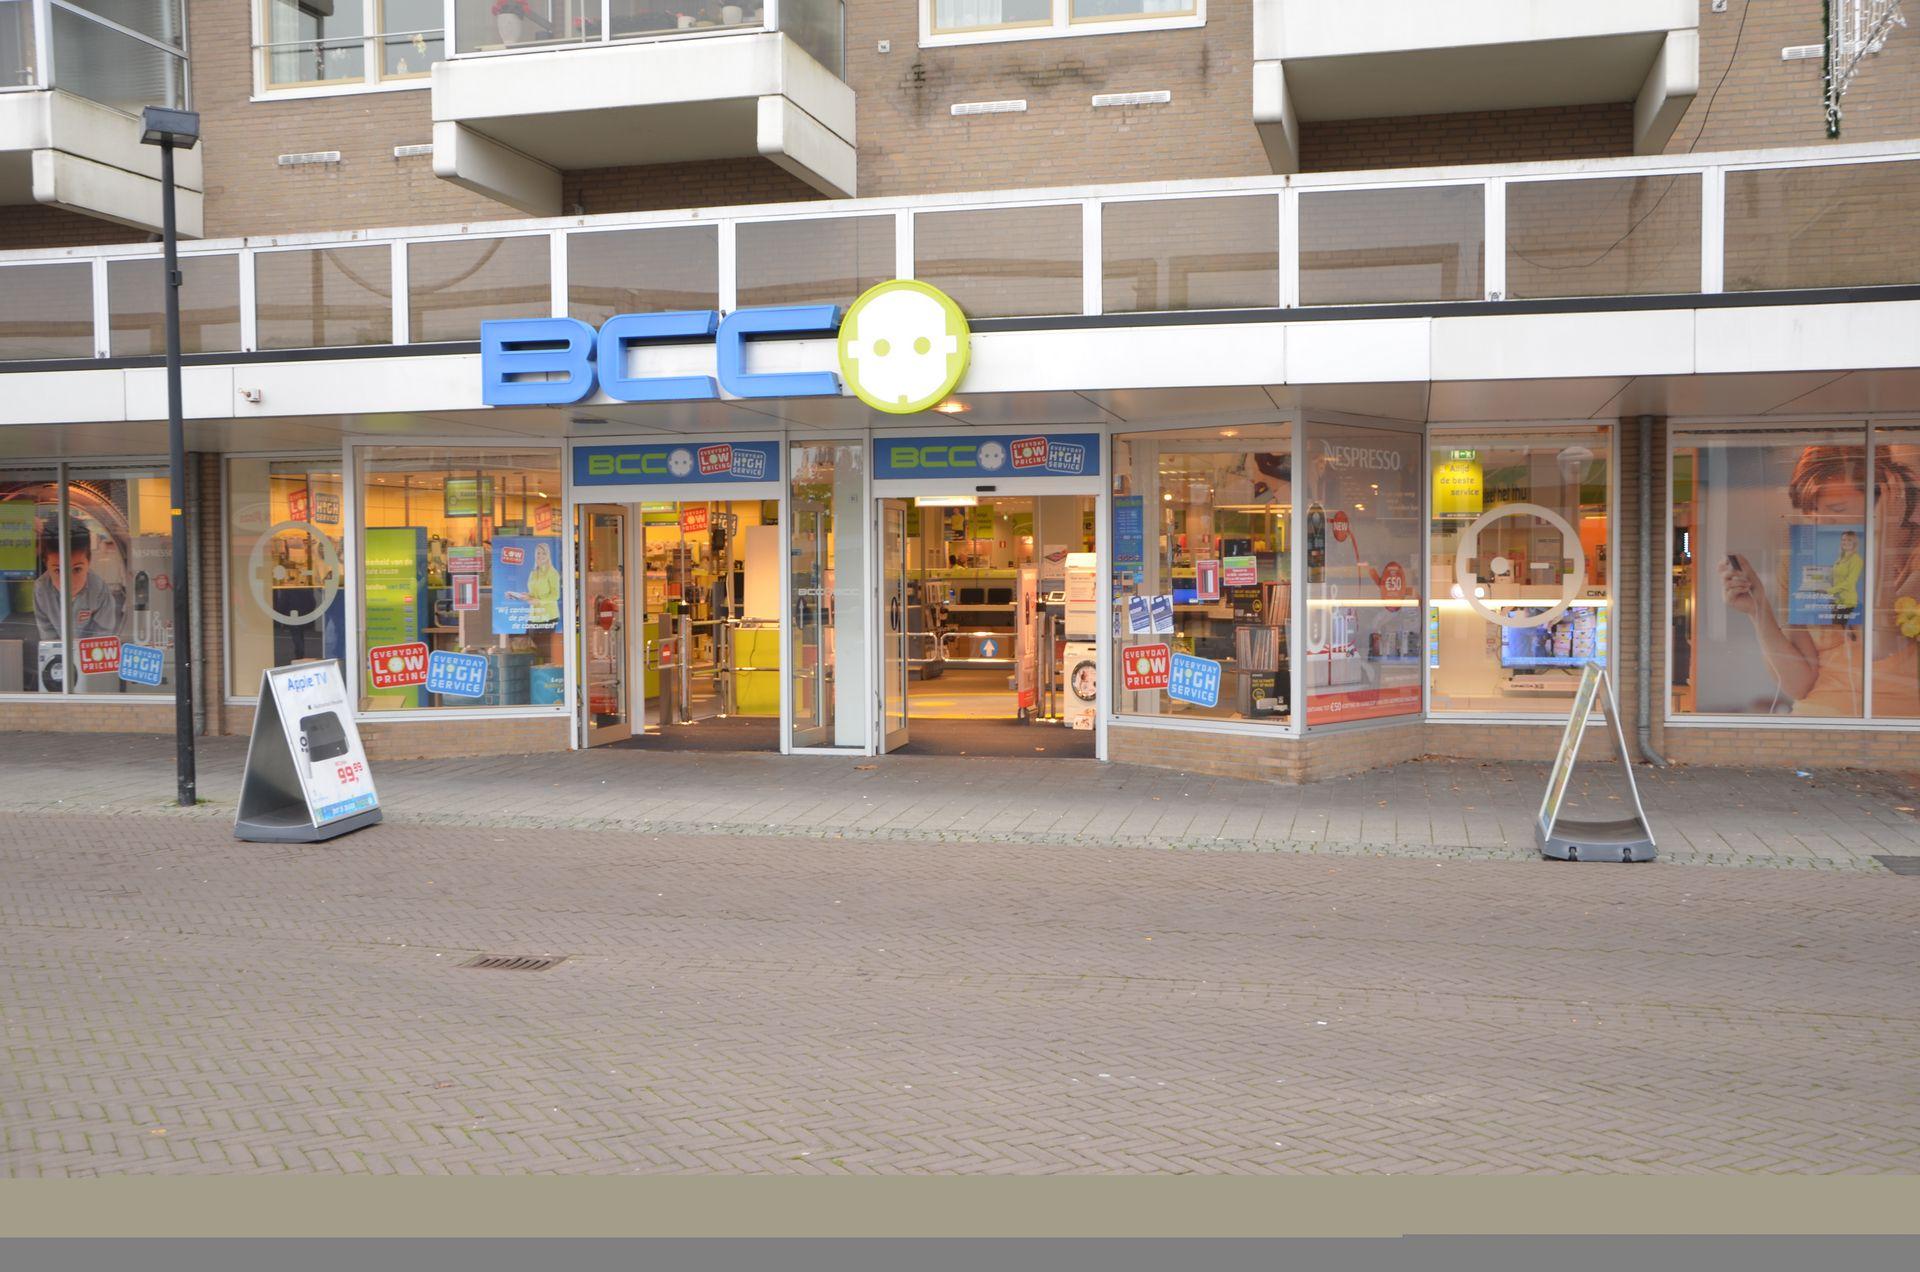 Bcc Hoogeveen Openingstijden En Contact Bccnl